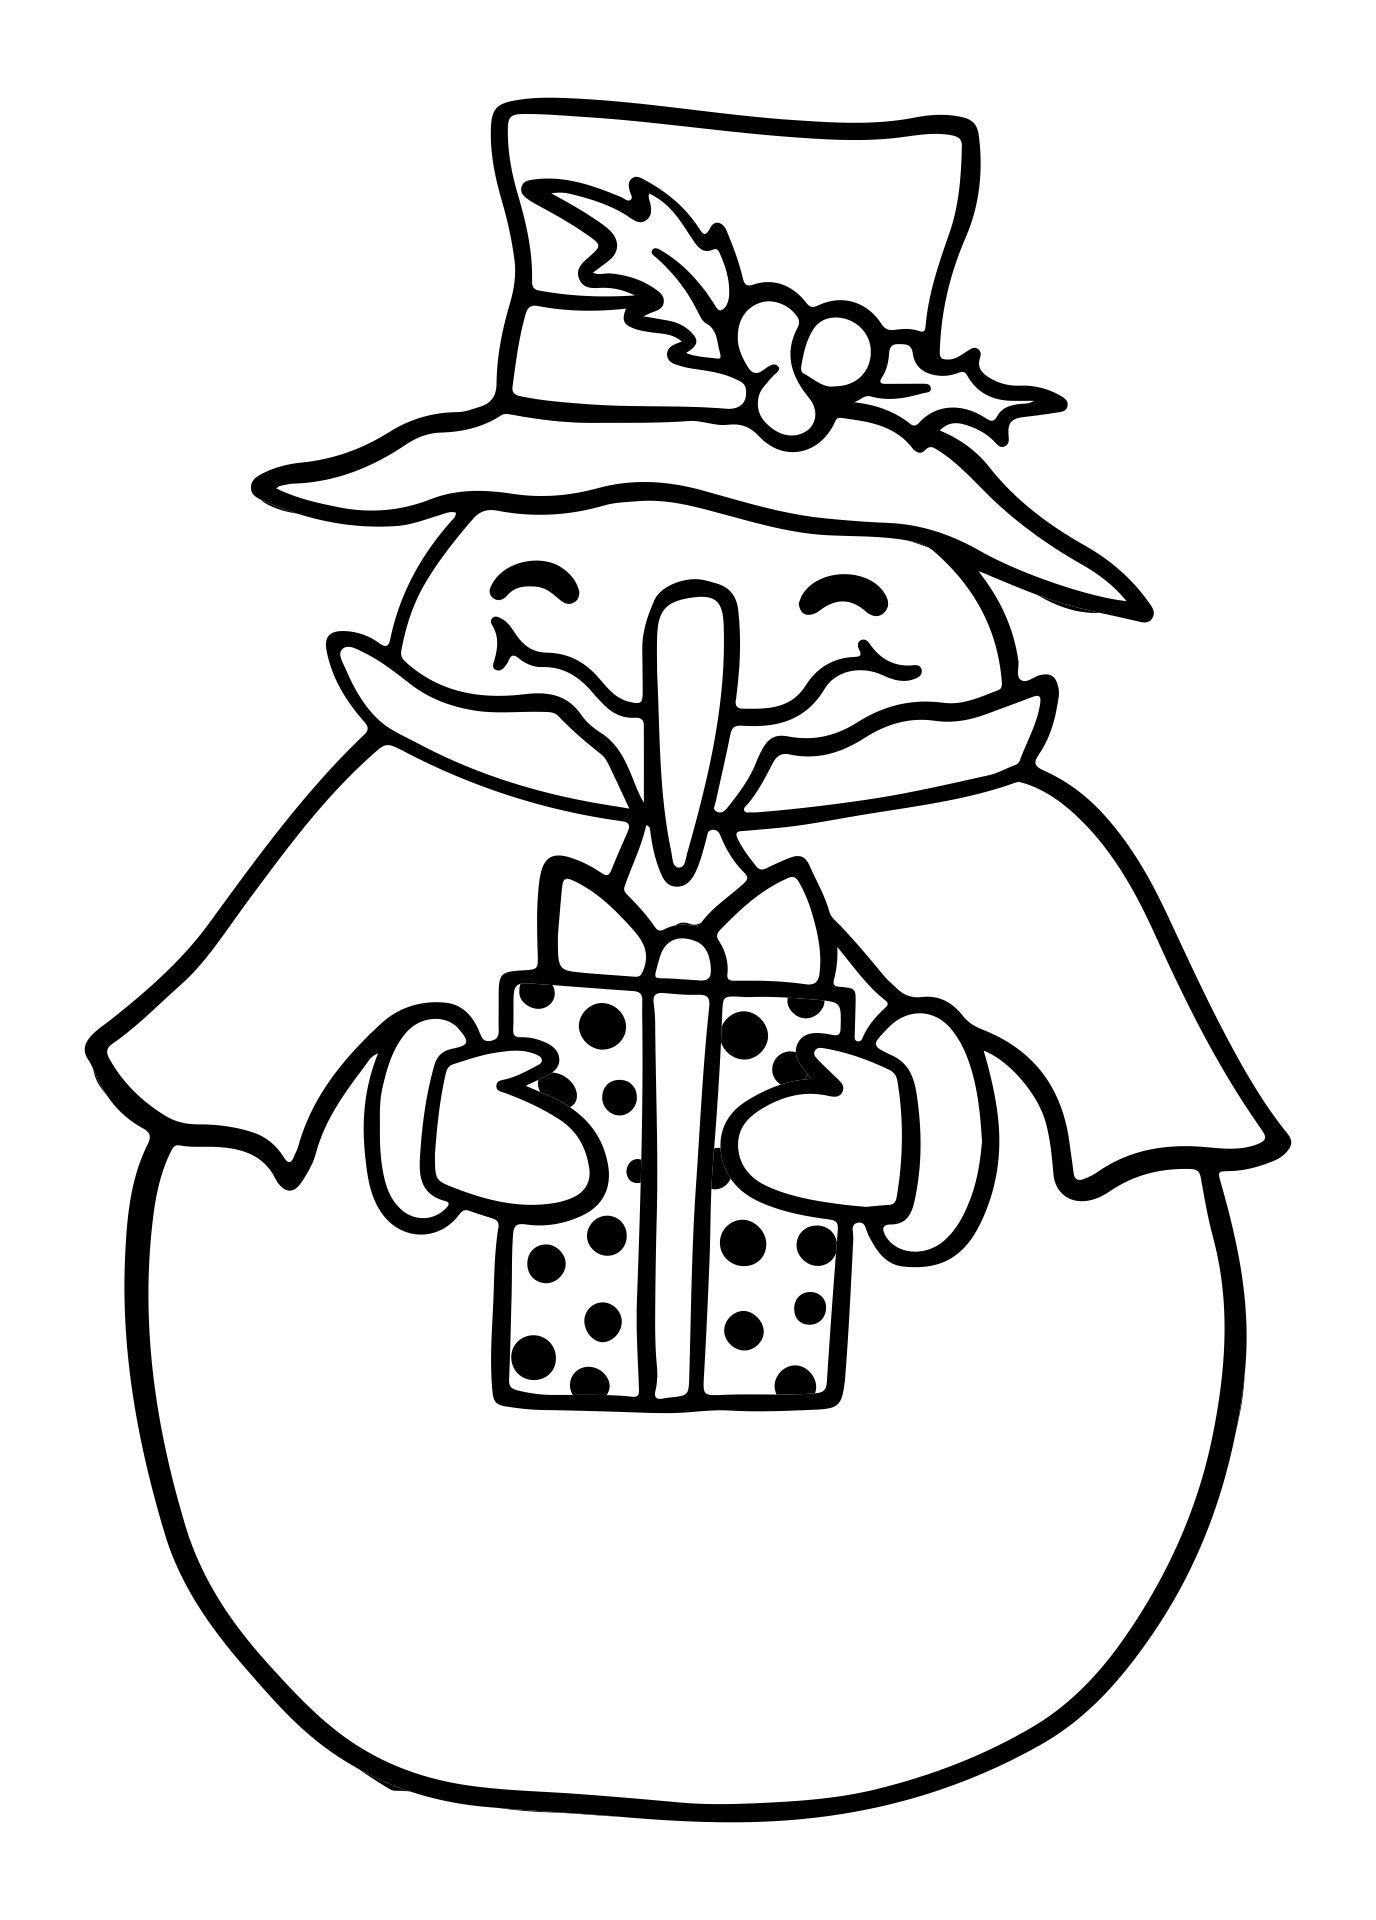 Printable Christmas Snowman